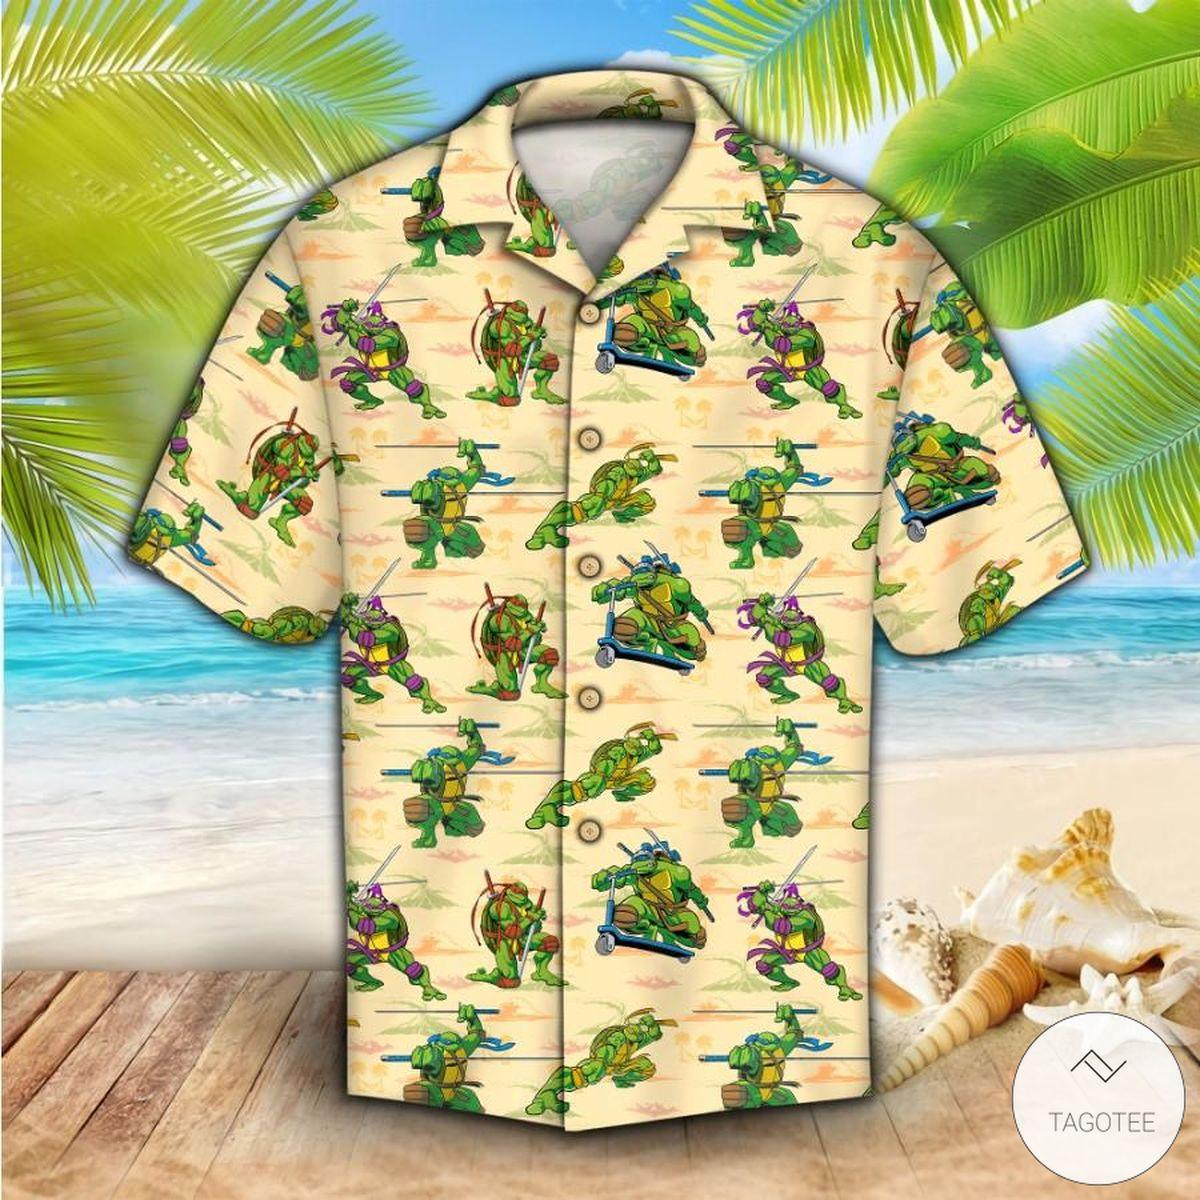 Only For Fan The Teenage Mutant Ninja Turtles TMNT Hawaiian Shirt